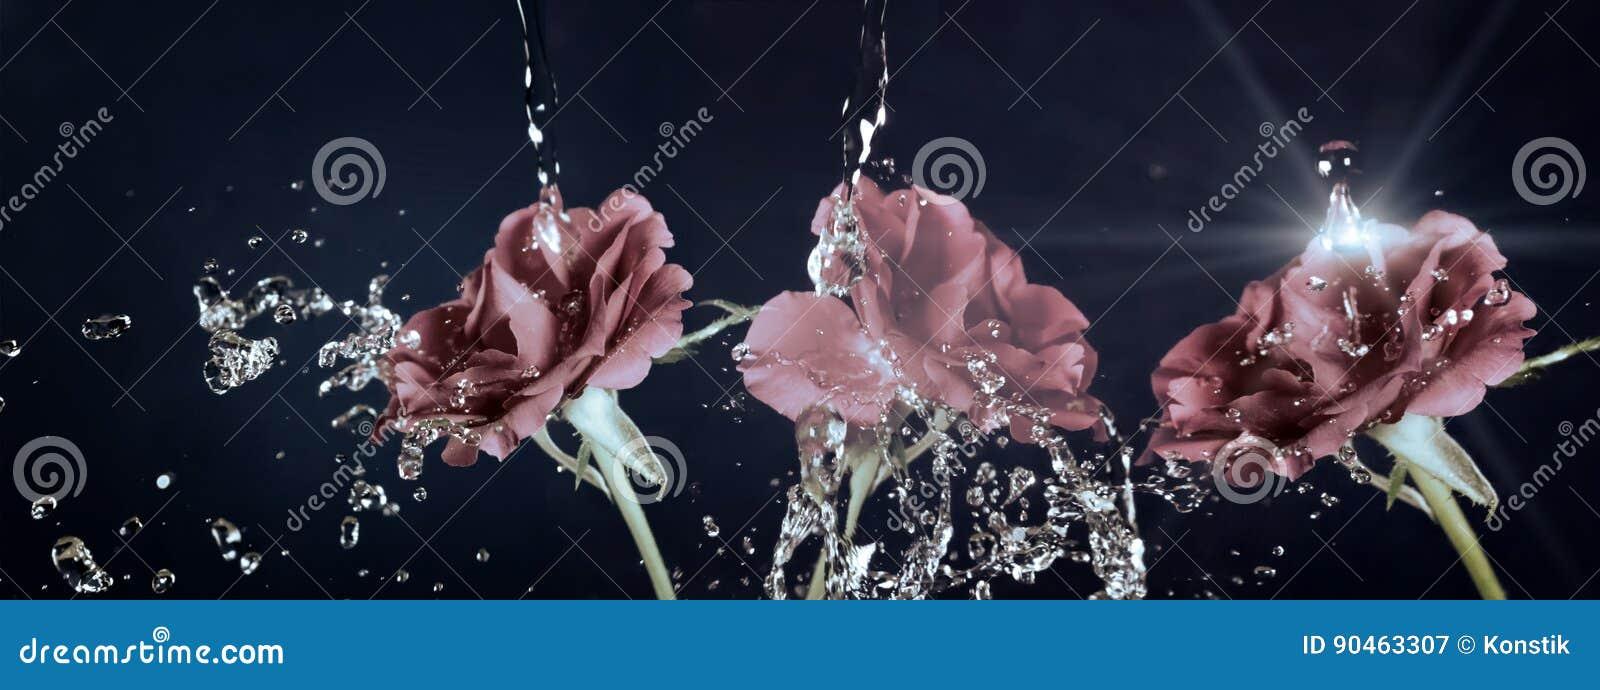 Rosen-Blume im Regen, Wassertropfen glänzend, Weinlese, Retro- Effekt